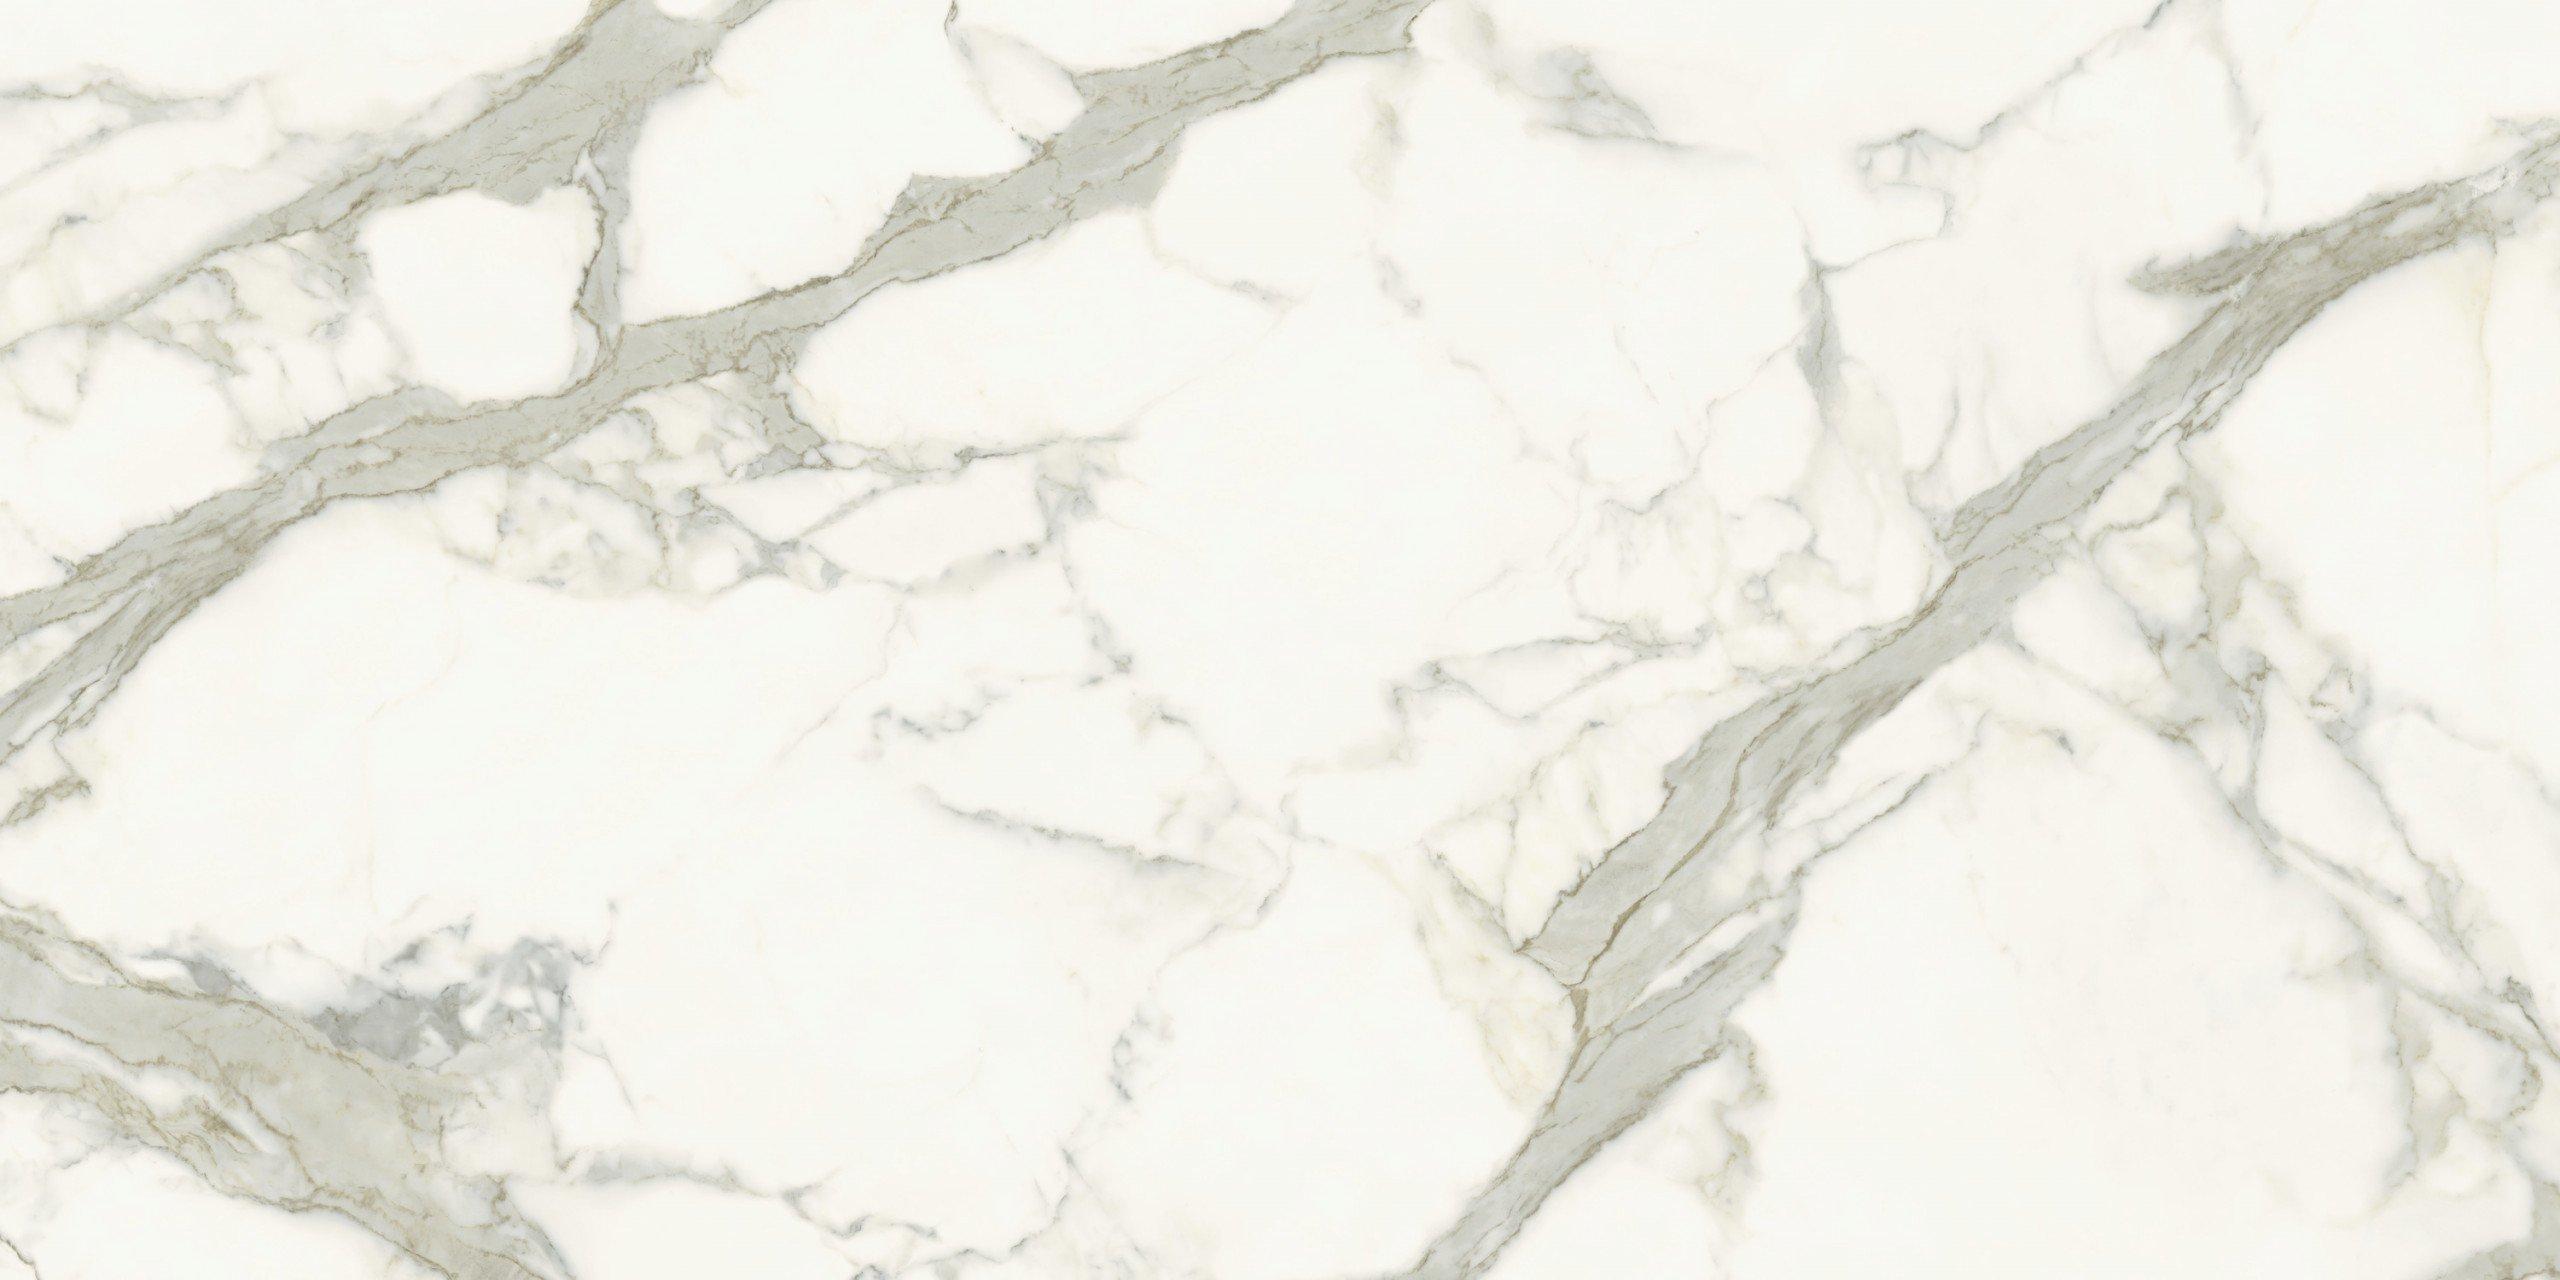 Silene Marmi Calacatta Supremo